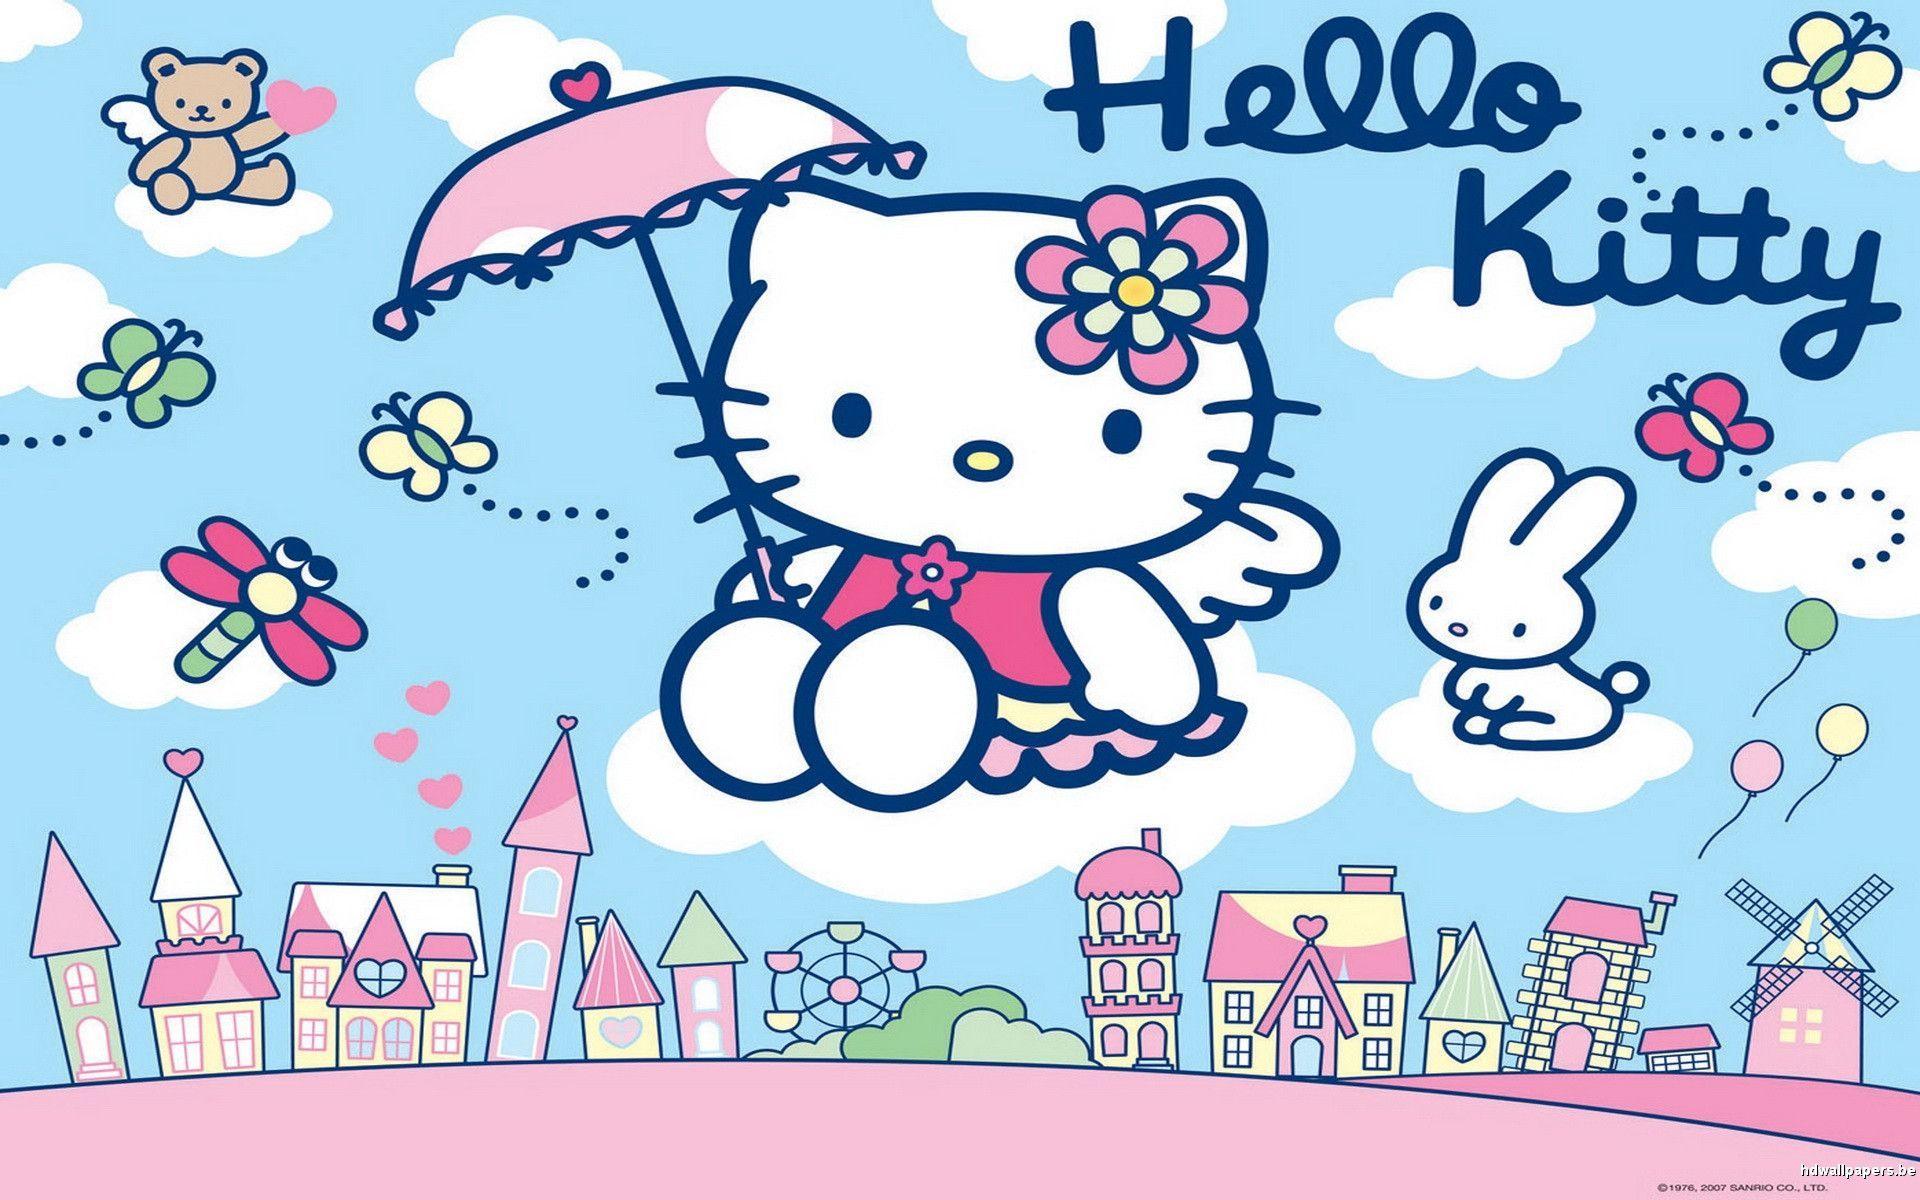 Free Purple Hello Kitty Wallpaper Desktop Background Long Wallpapers Hello Kitty Backgrounds Hello Kitty Hello Kitty Wallpaper Hd